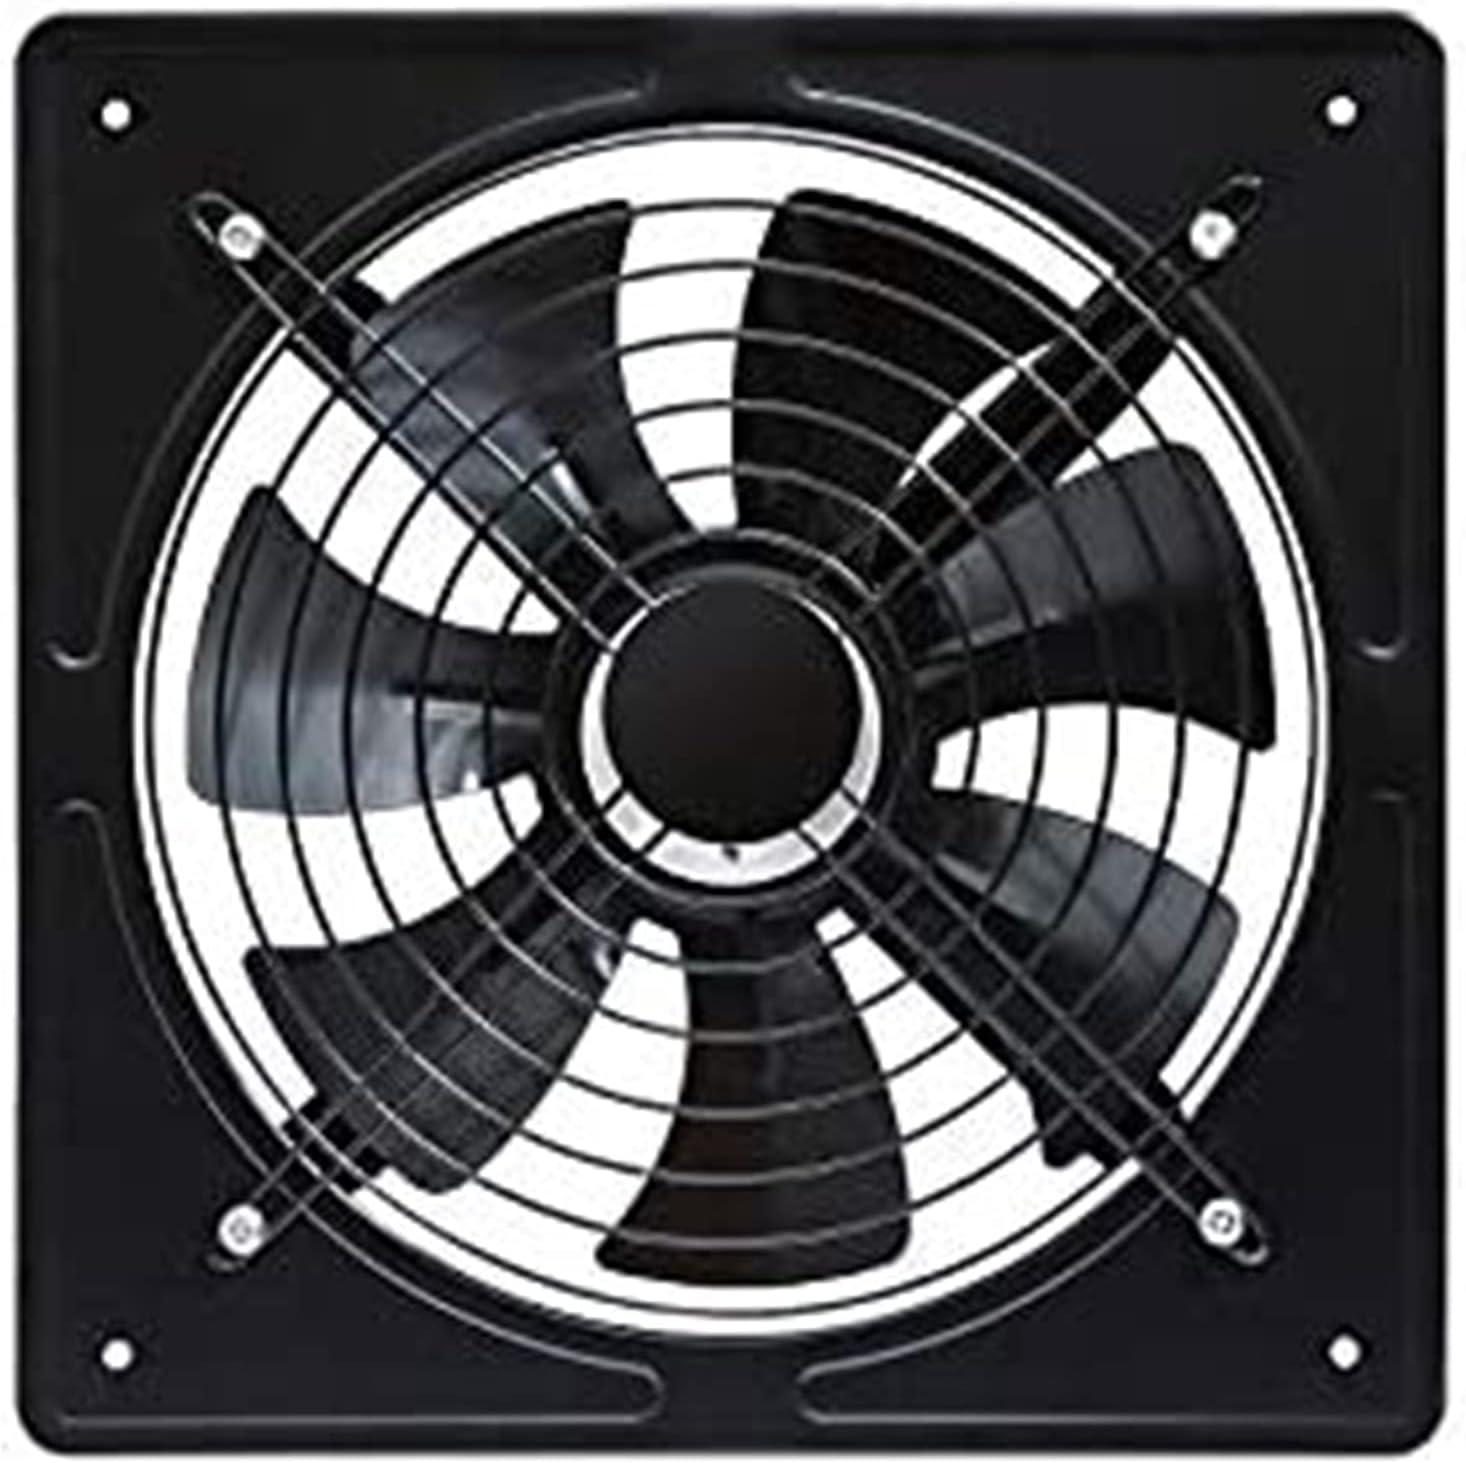 LITING Ventilador de ventilación doméstico Potente Y Energía Eólica Avión De Escape Industrial De 12 Pulgadas Ventilador De Ventilación Doméstica